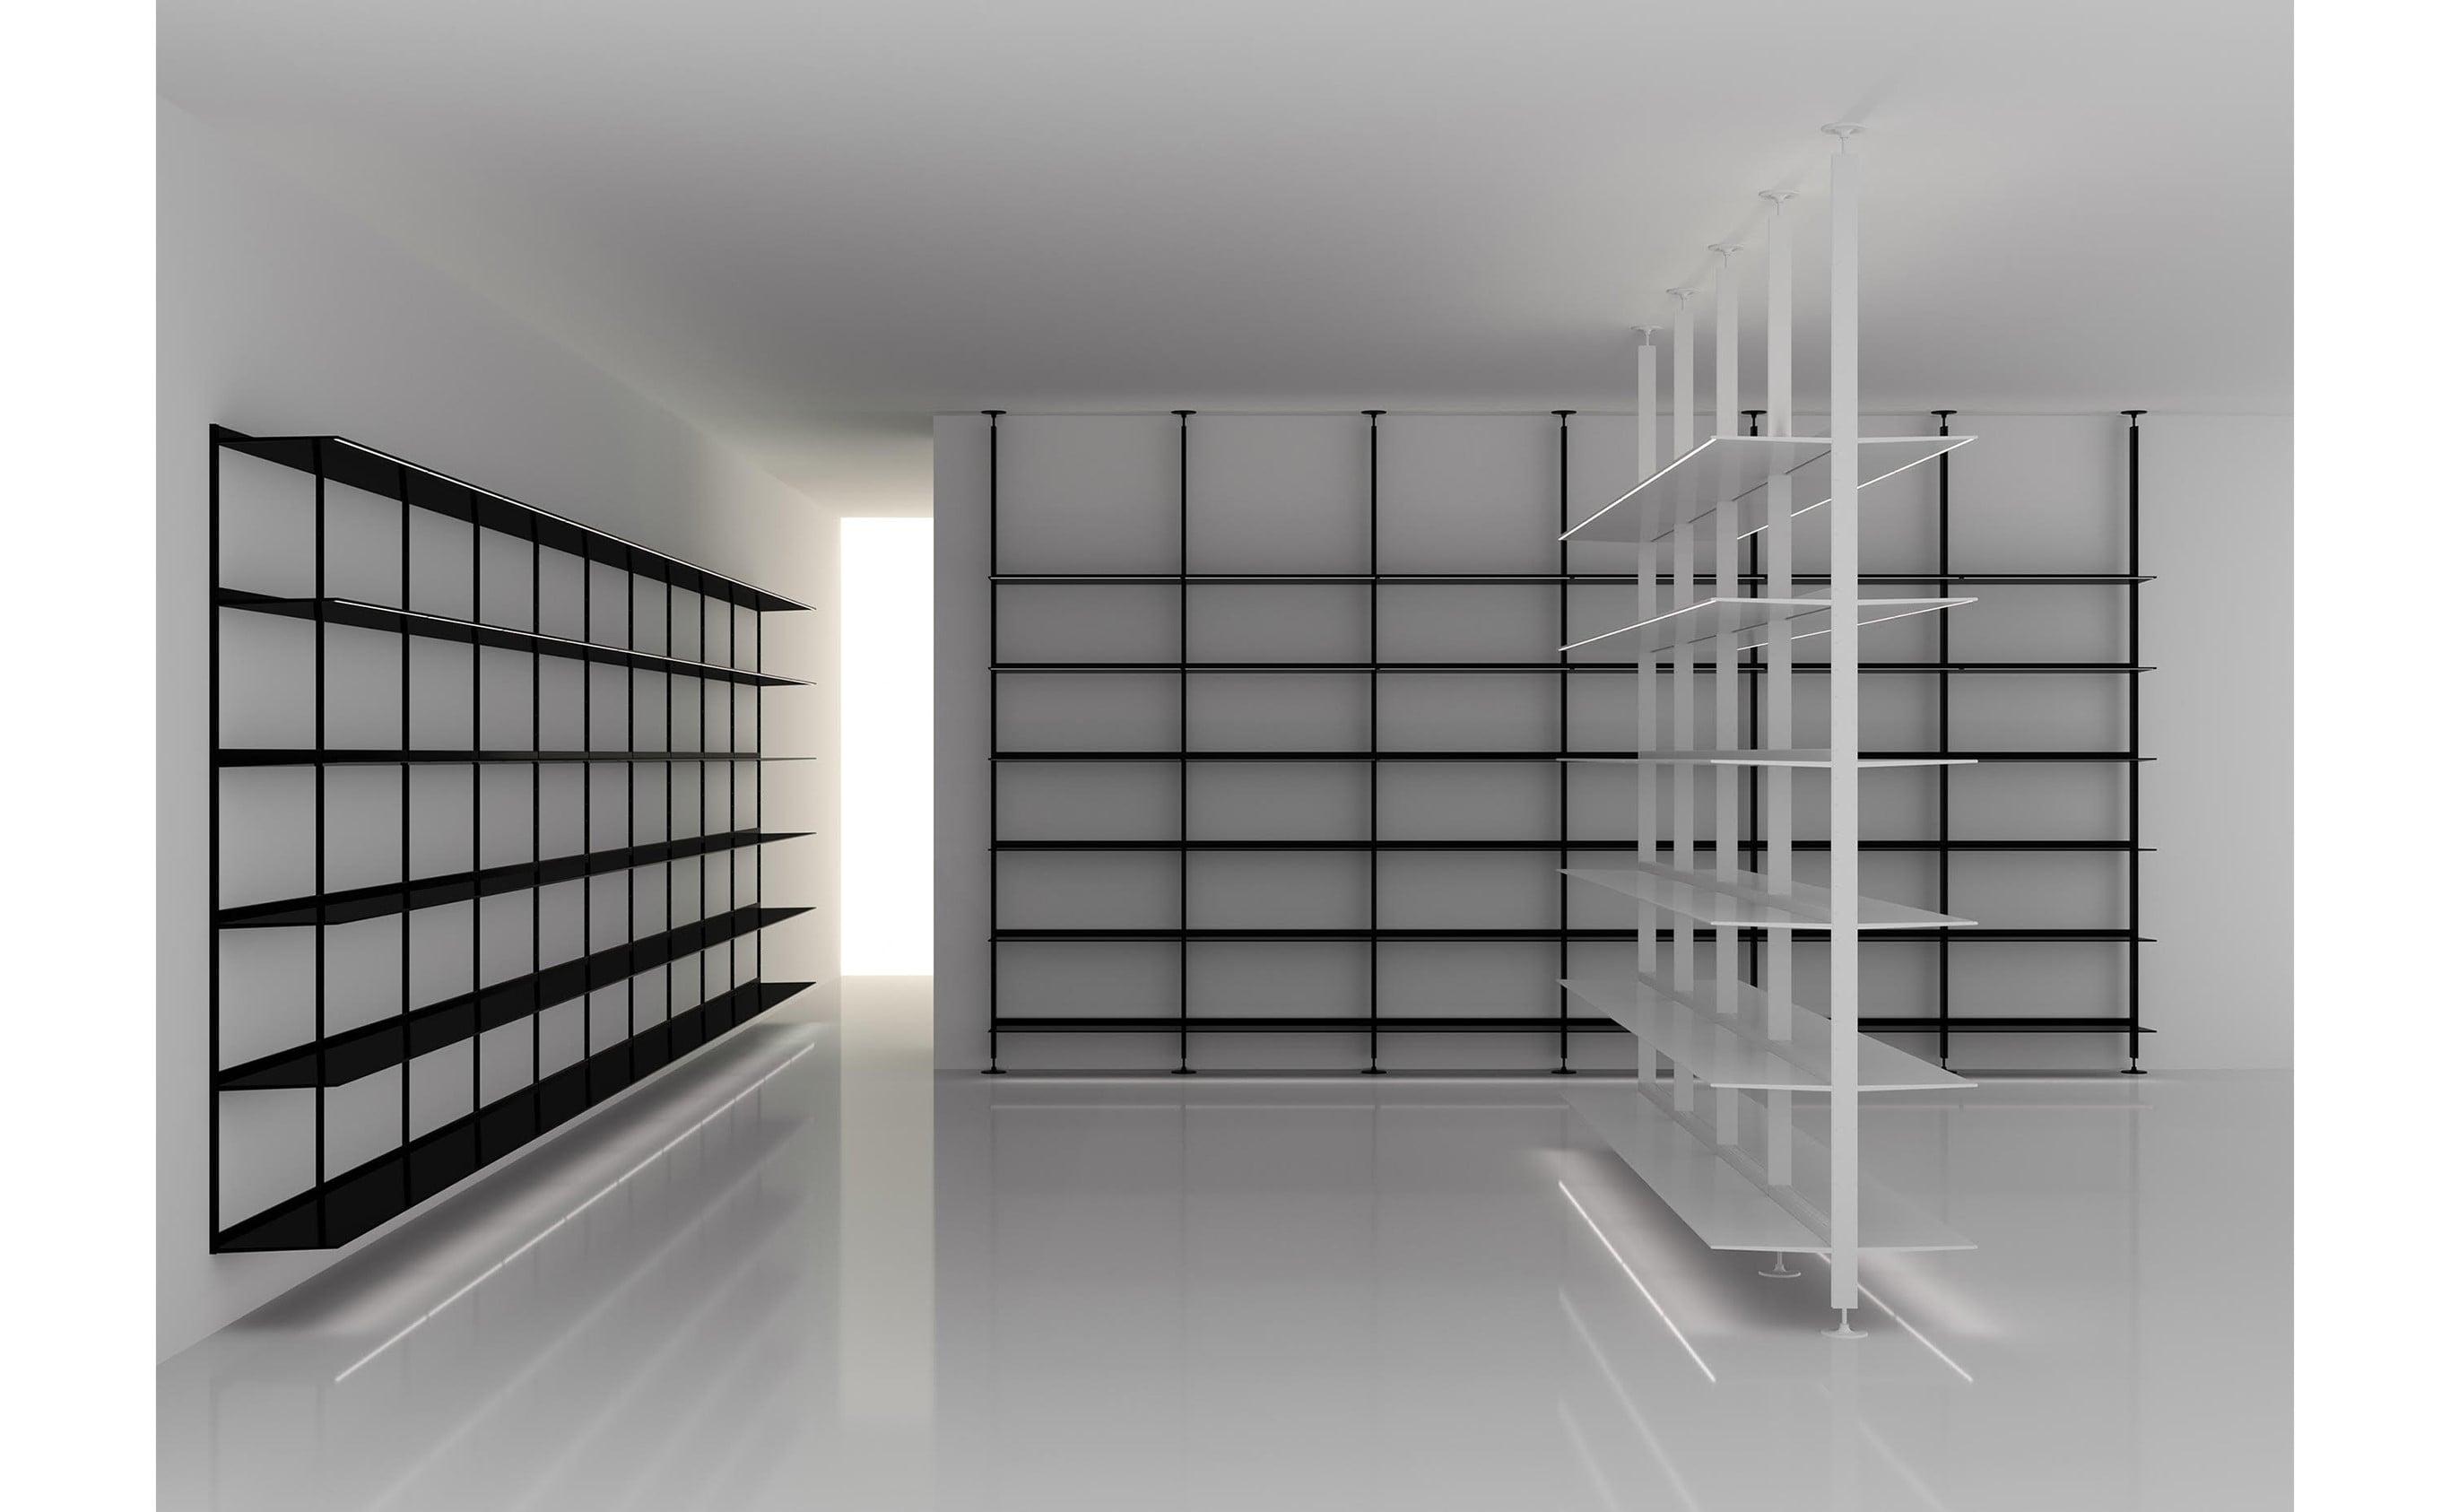 繊細な美観ながら、棚板一枚あたり80kgの耐荷重性能を持つ「Alex Products  Alex Shelf」